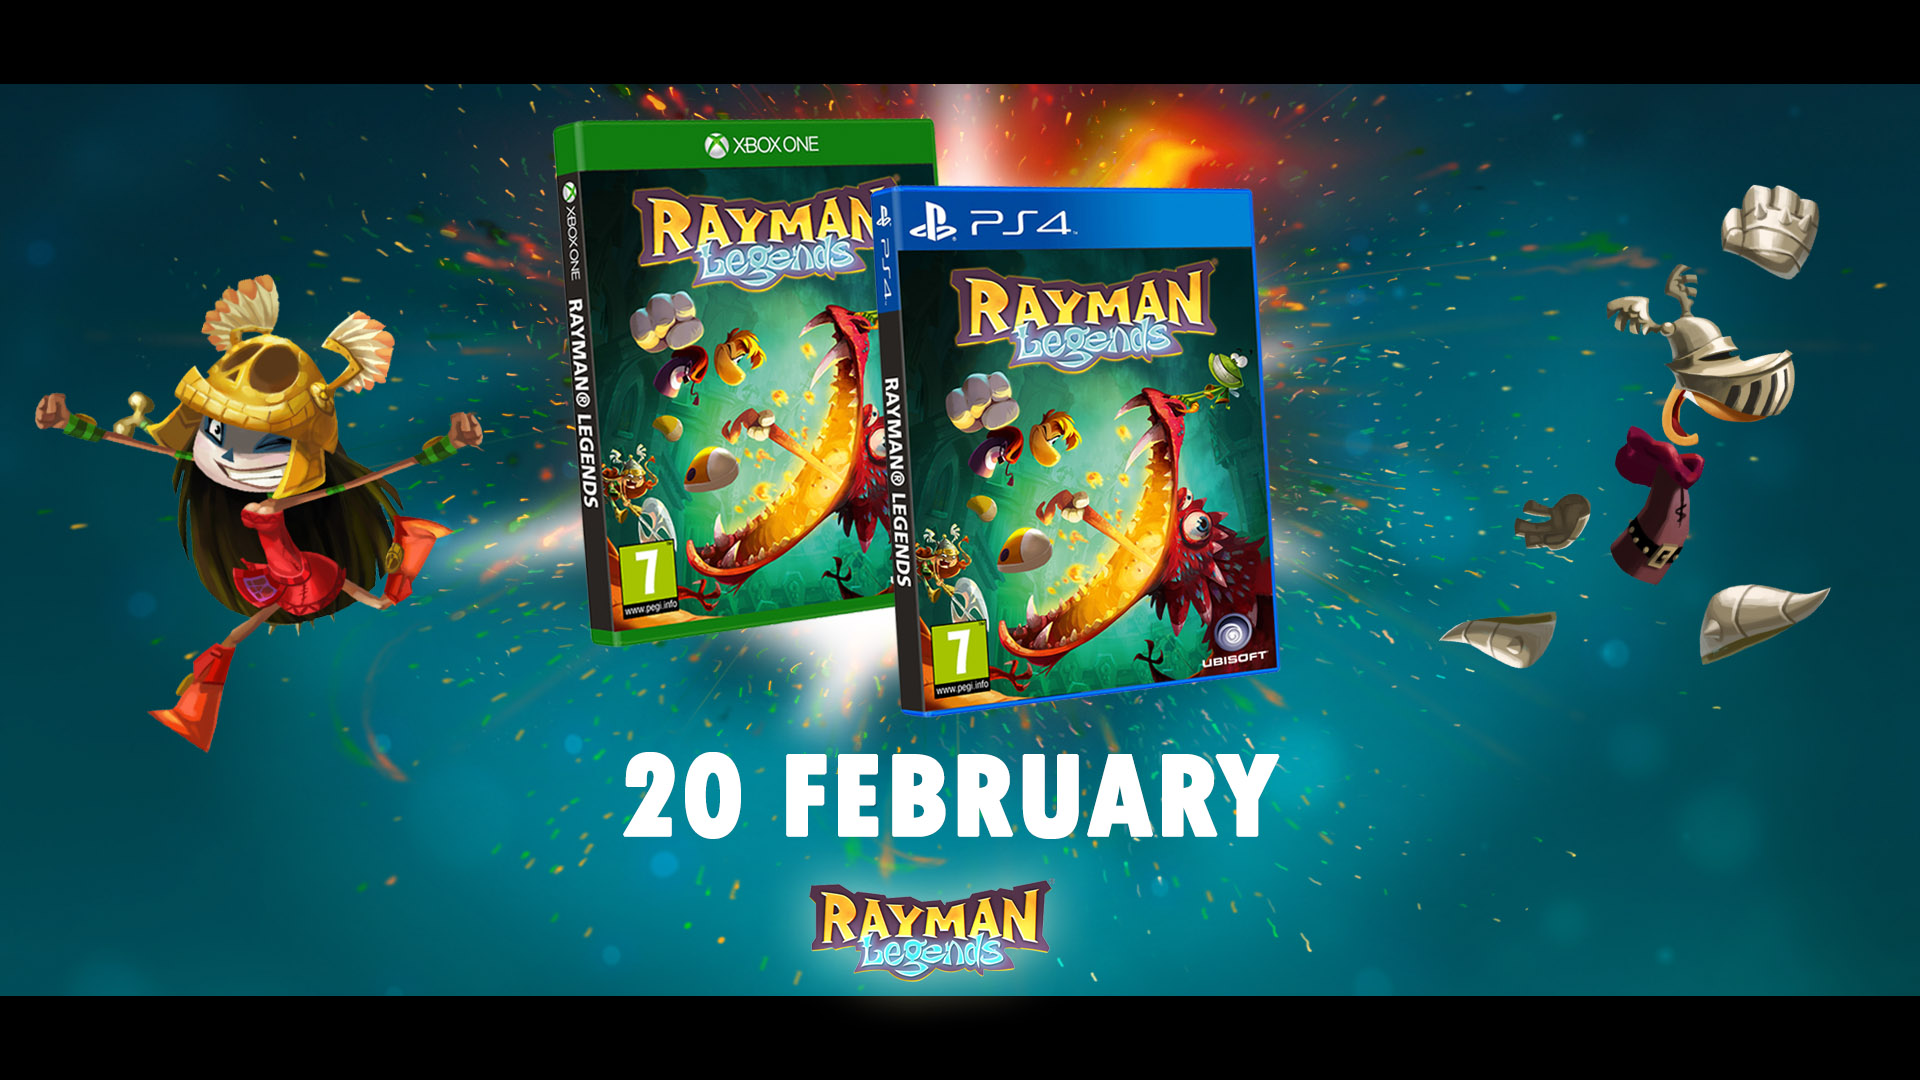 RaymanLegends_NextGen_NewReleaseDate_EU